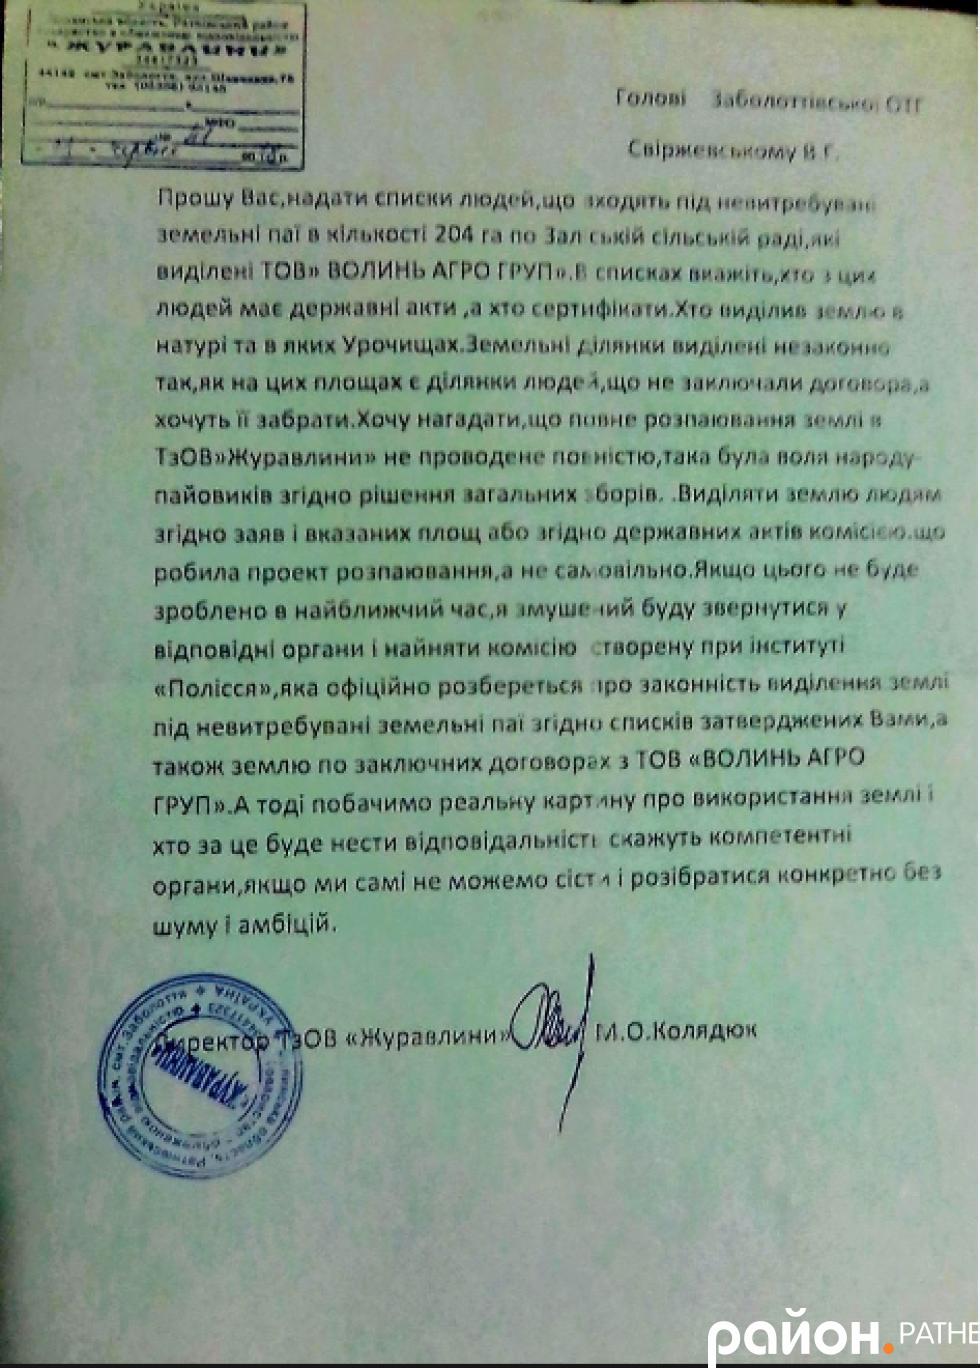 Звернення керівника «Журавлини» до голів Ратнівської РДА та ЗАболоттівської ОТГ